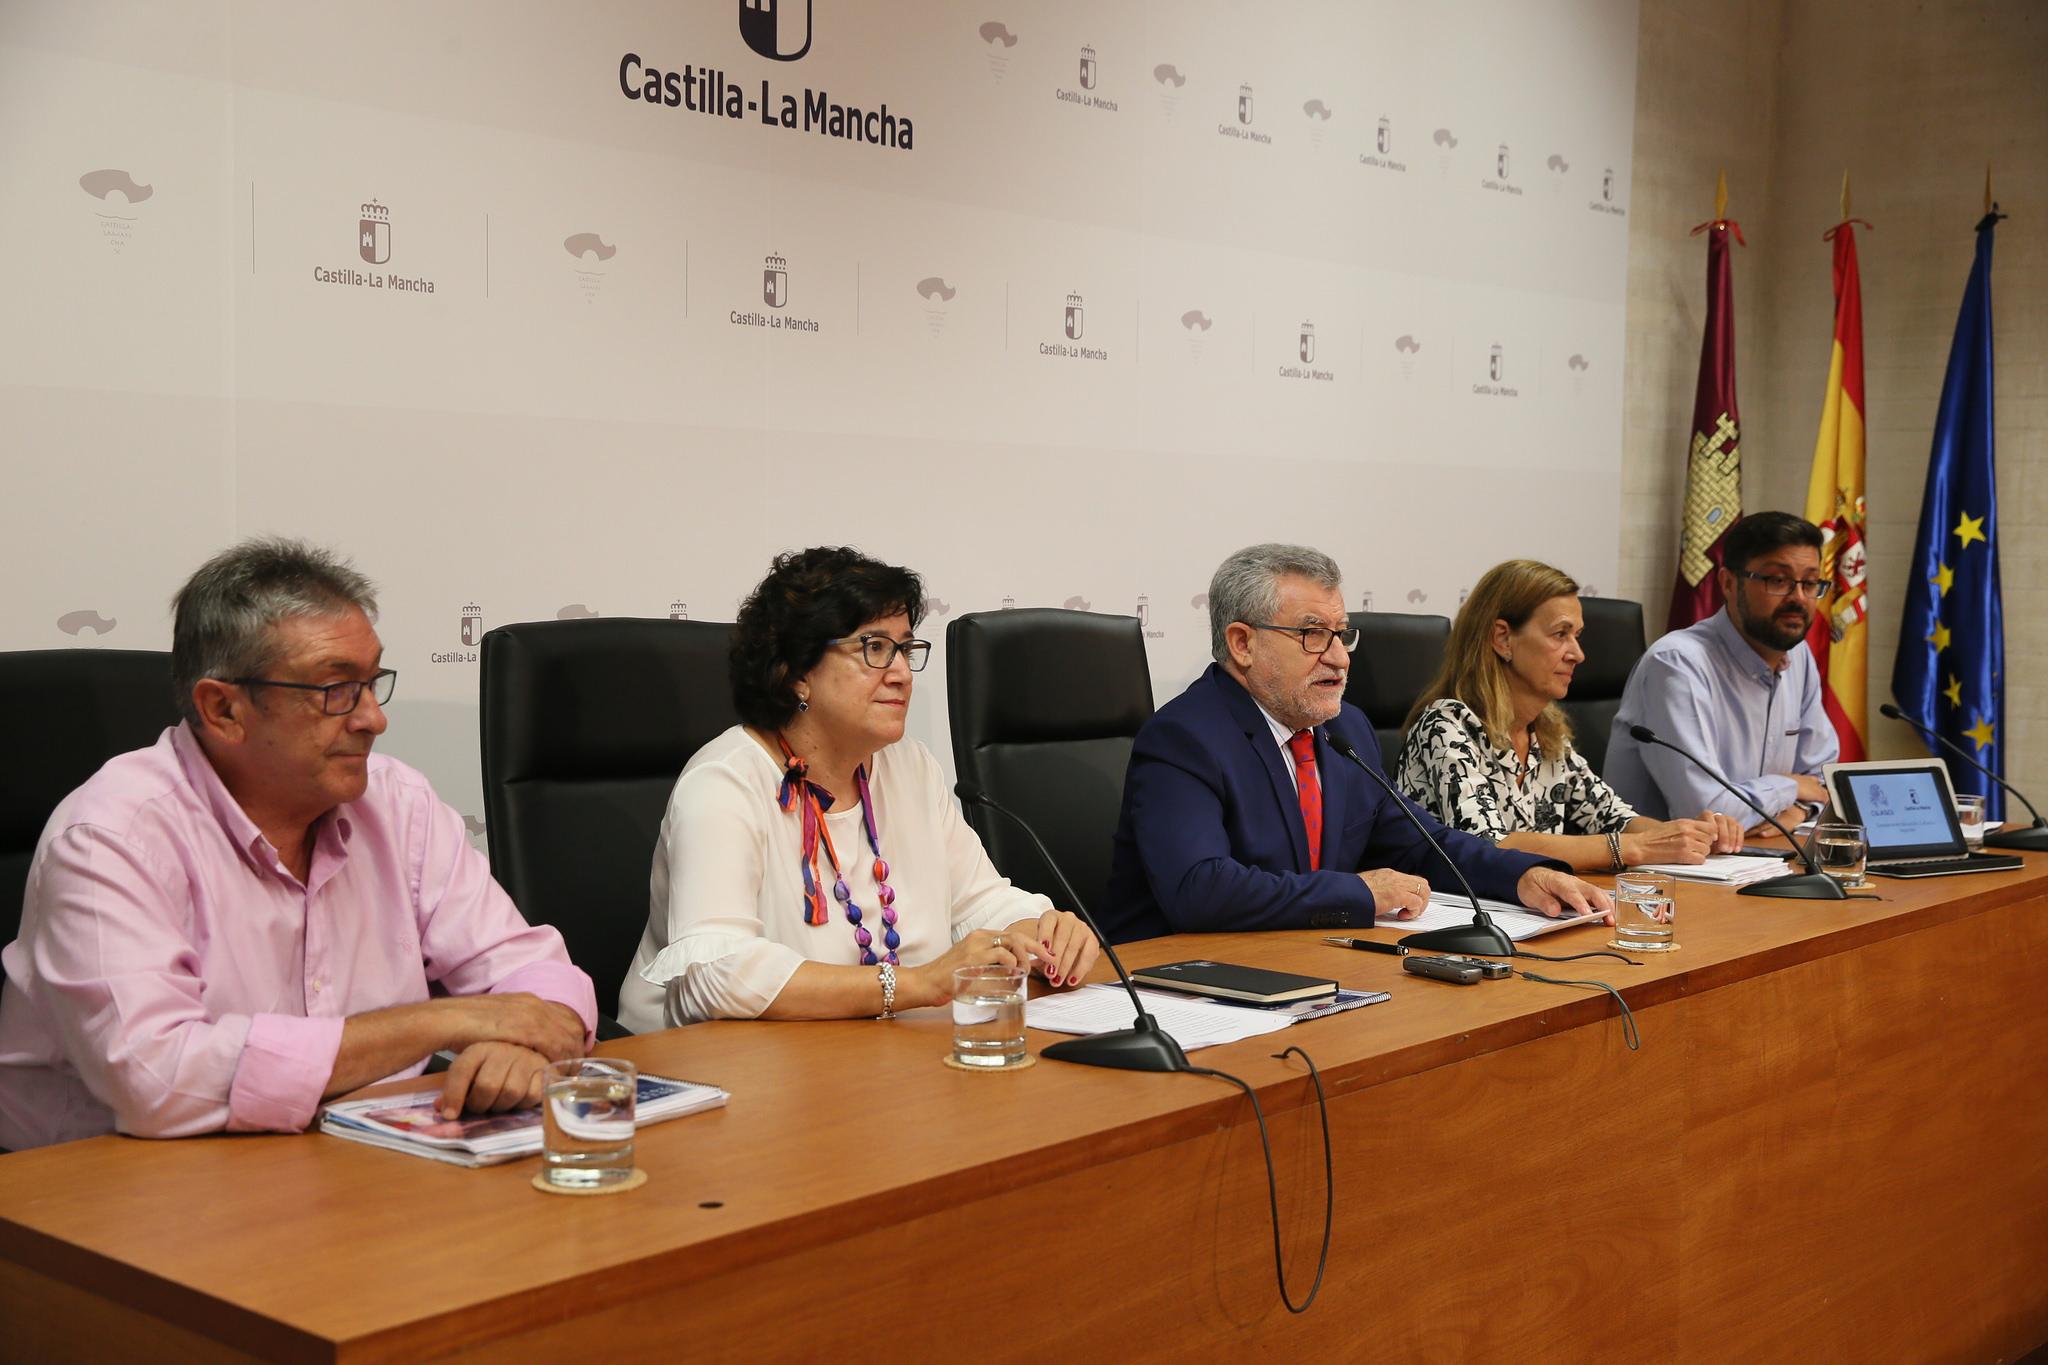 Datos y novedades del nuevo curso escolar en Castilla-La Mancha